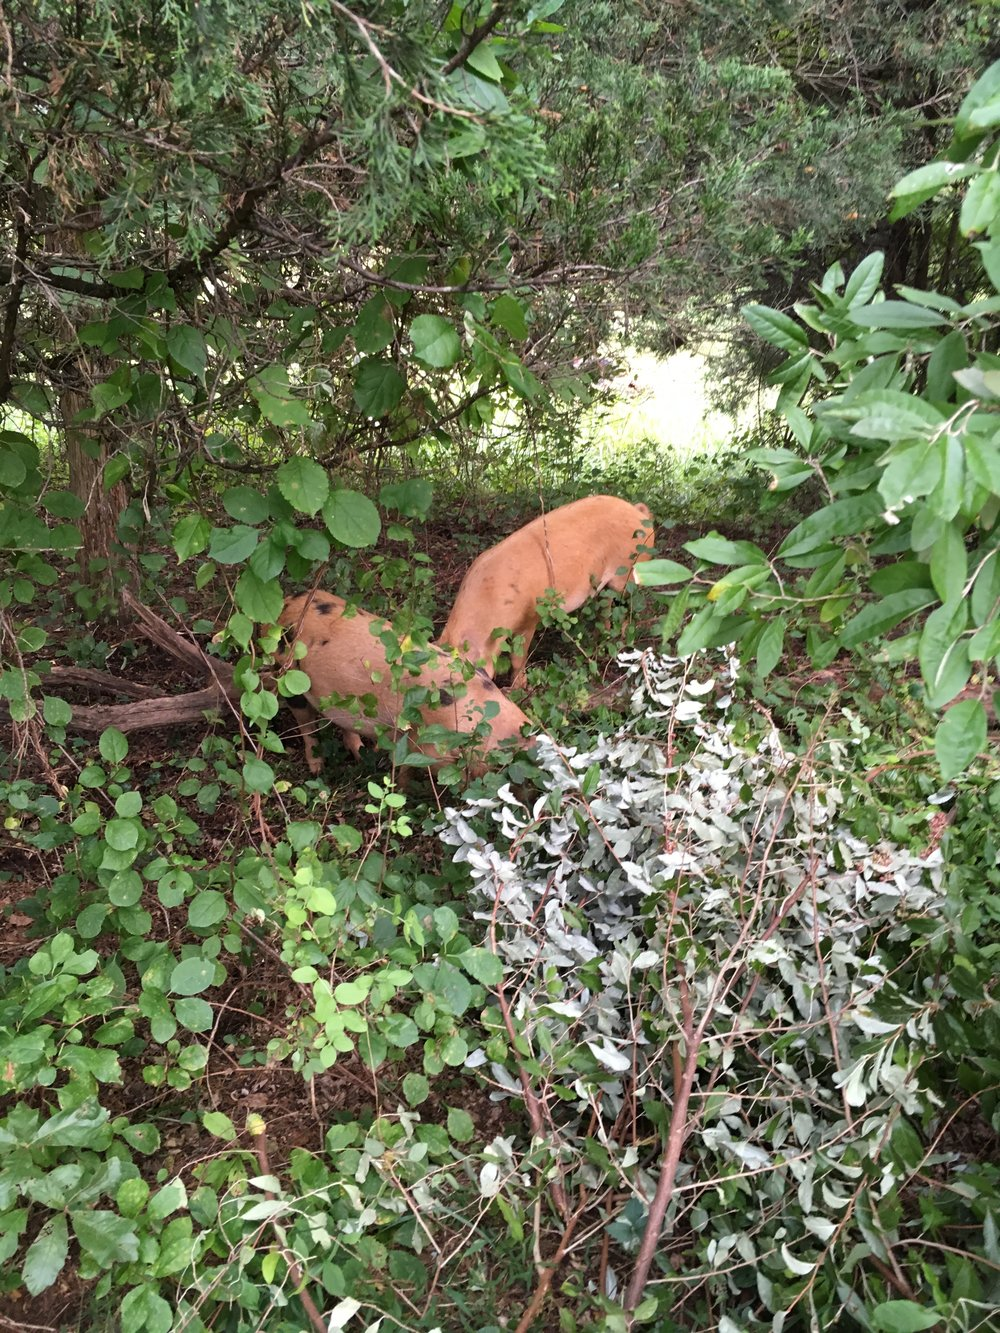 pigs in the woods.JPG